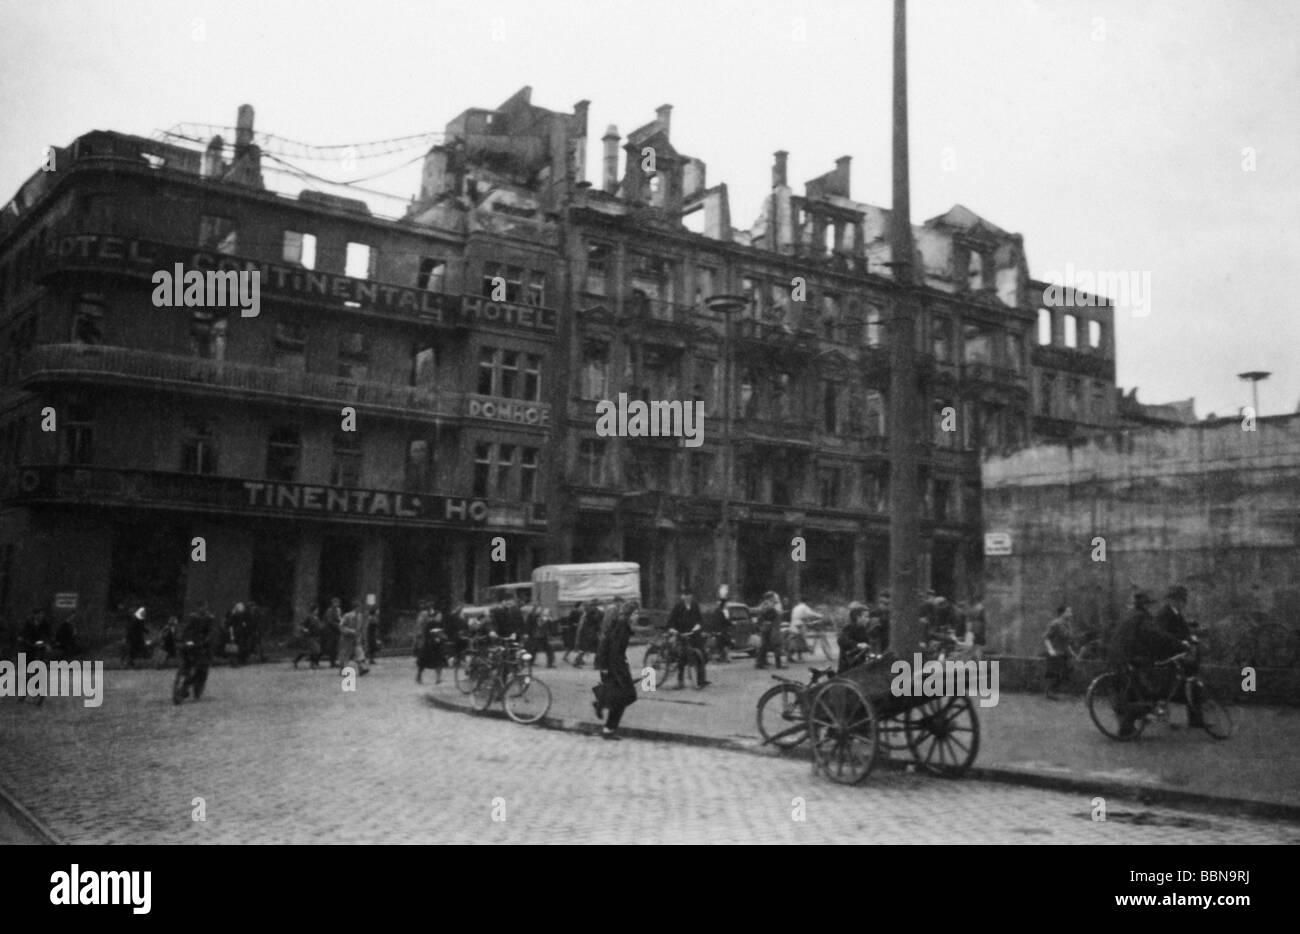 Veranstaltungen, Zweiten Weltkrieg/Weltkrieg, Luftkrieg, Deutschland, street scene in Köln nach einem alliierten Stockfoto